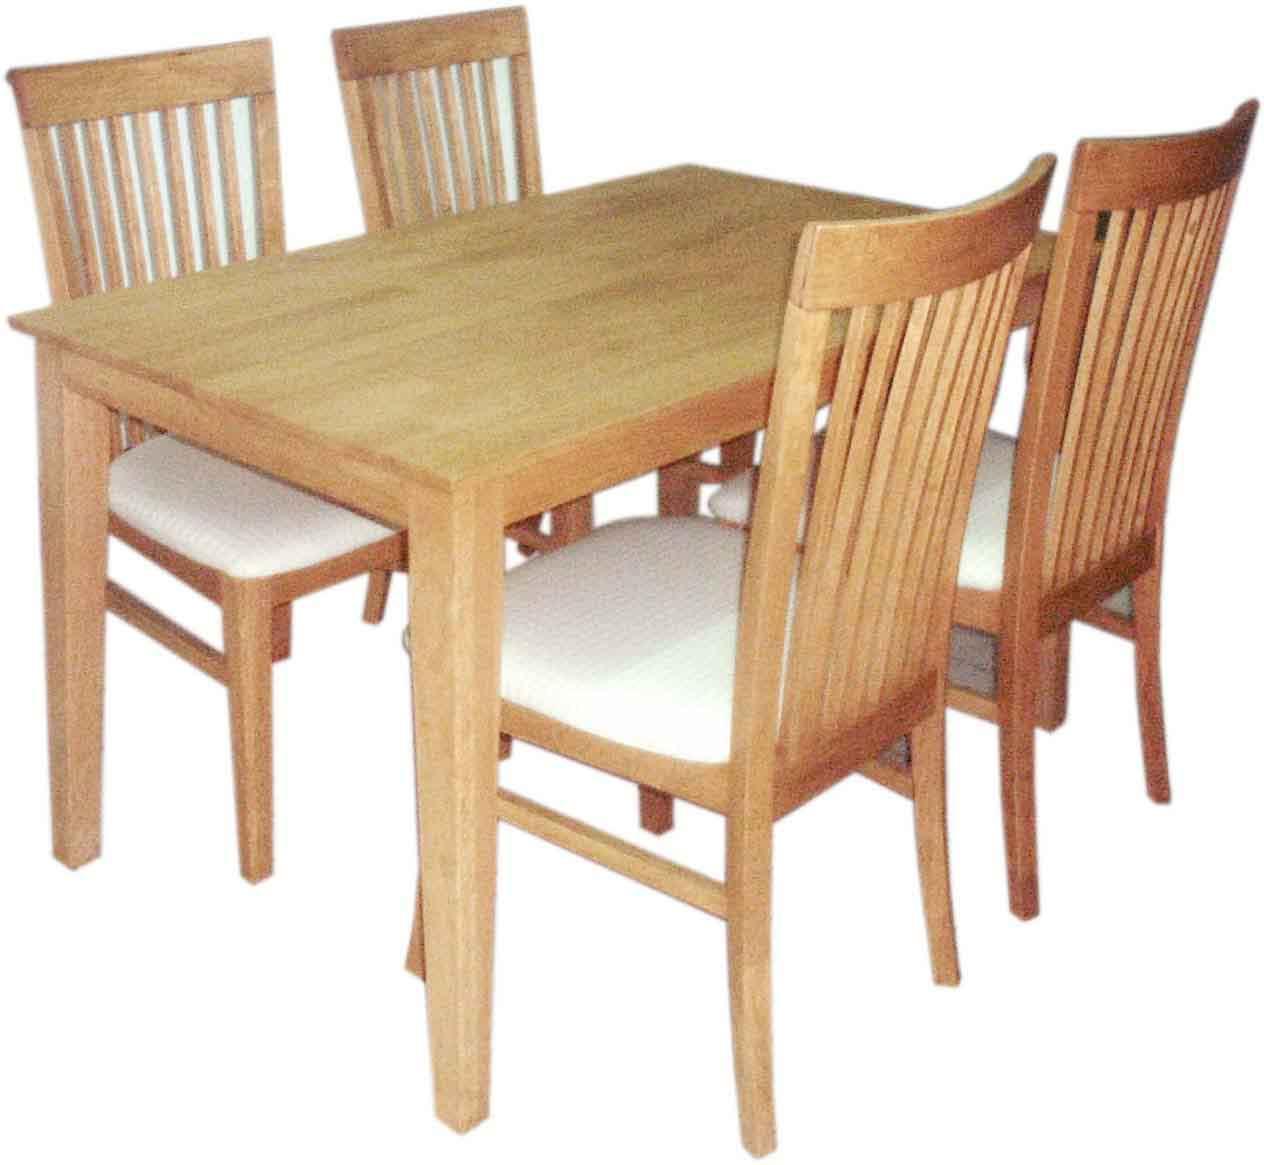 ชุดโต๊ะเก้าอี้รับประทานอาหาร (Pch-208)